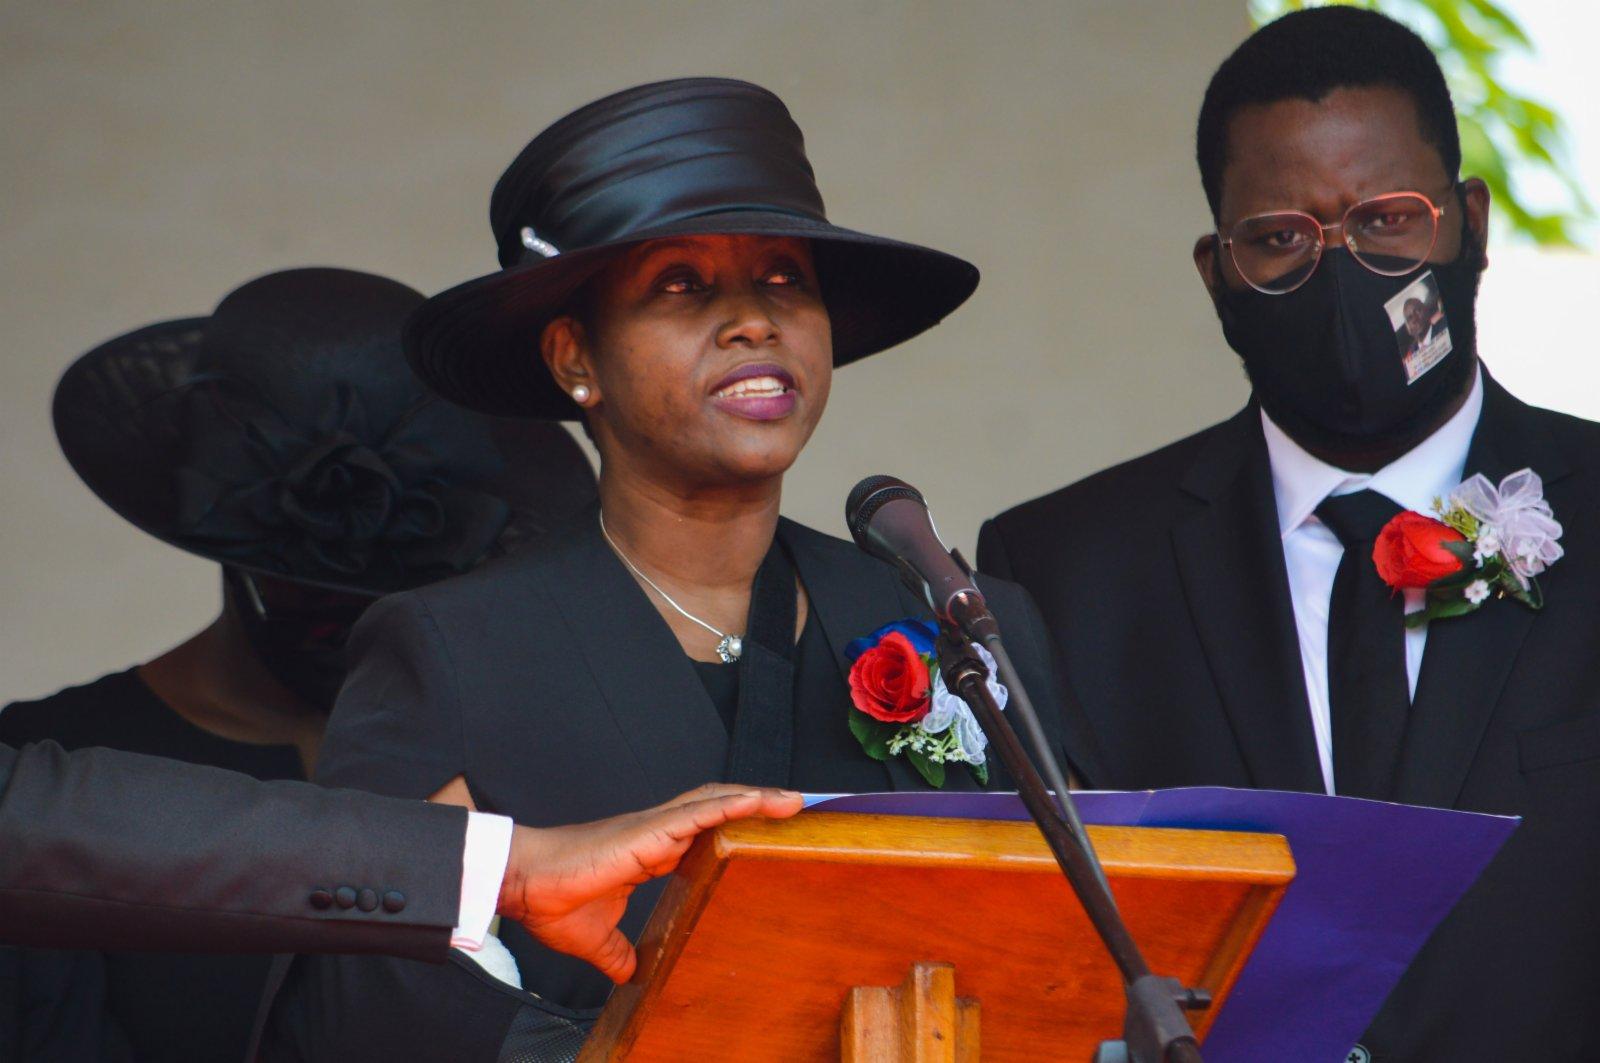 7月23日,在海地城市海地角,莫伊茲的遺孀馬蒂娜在葬禮上講話。(新華社)